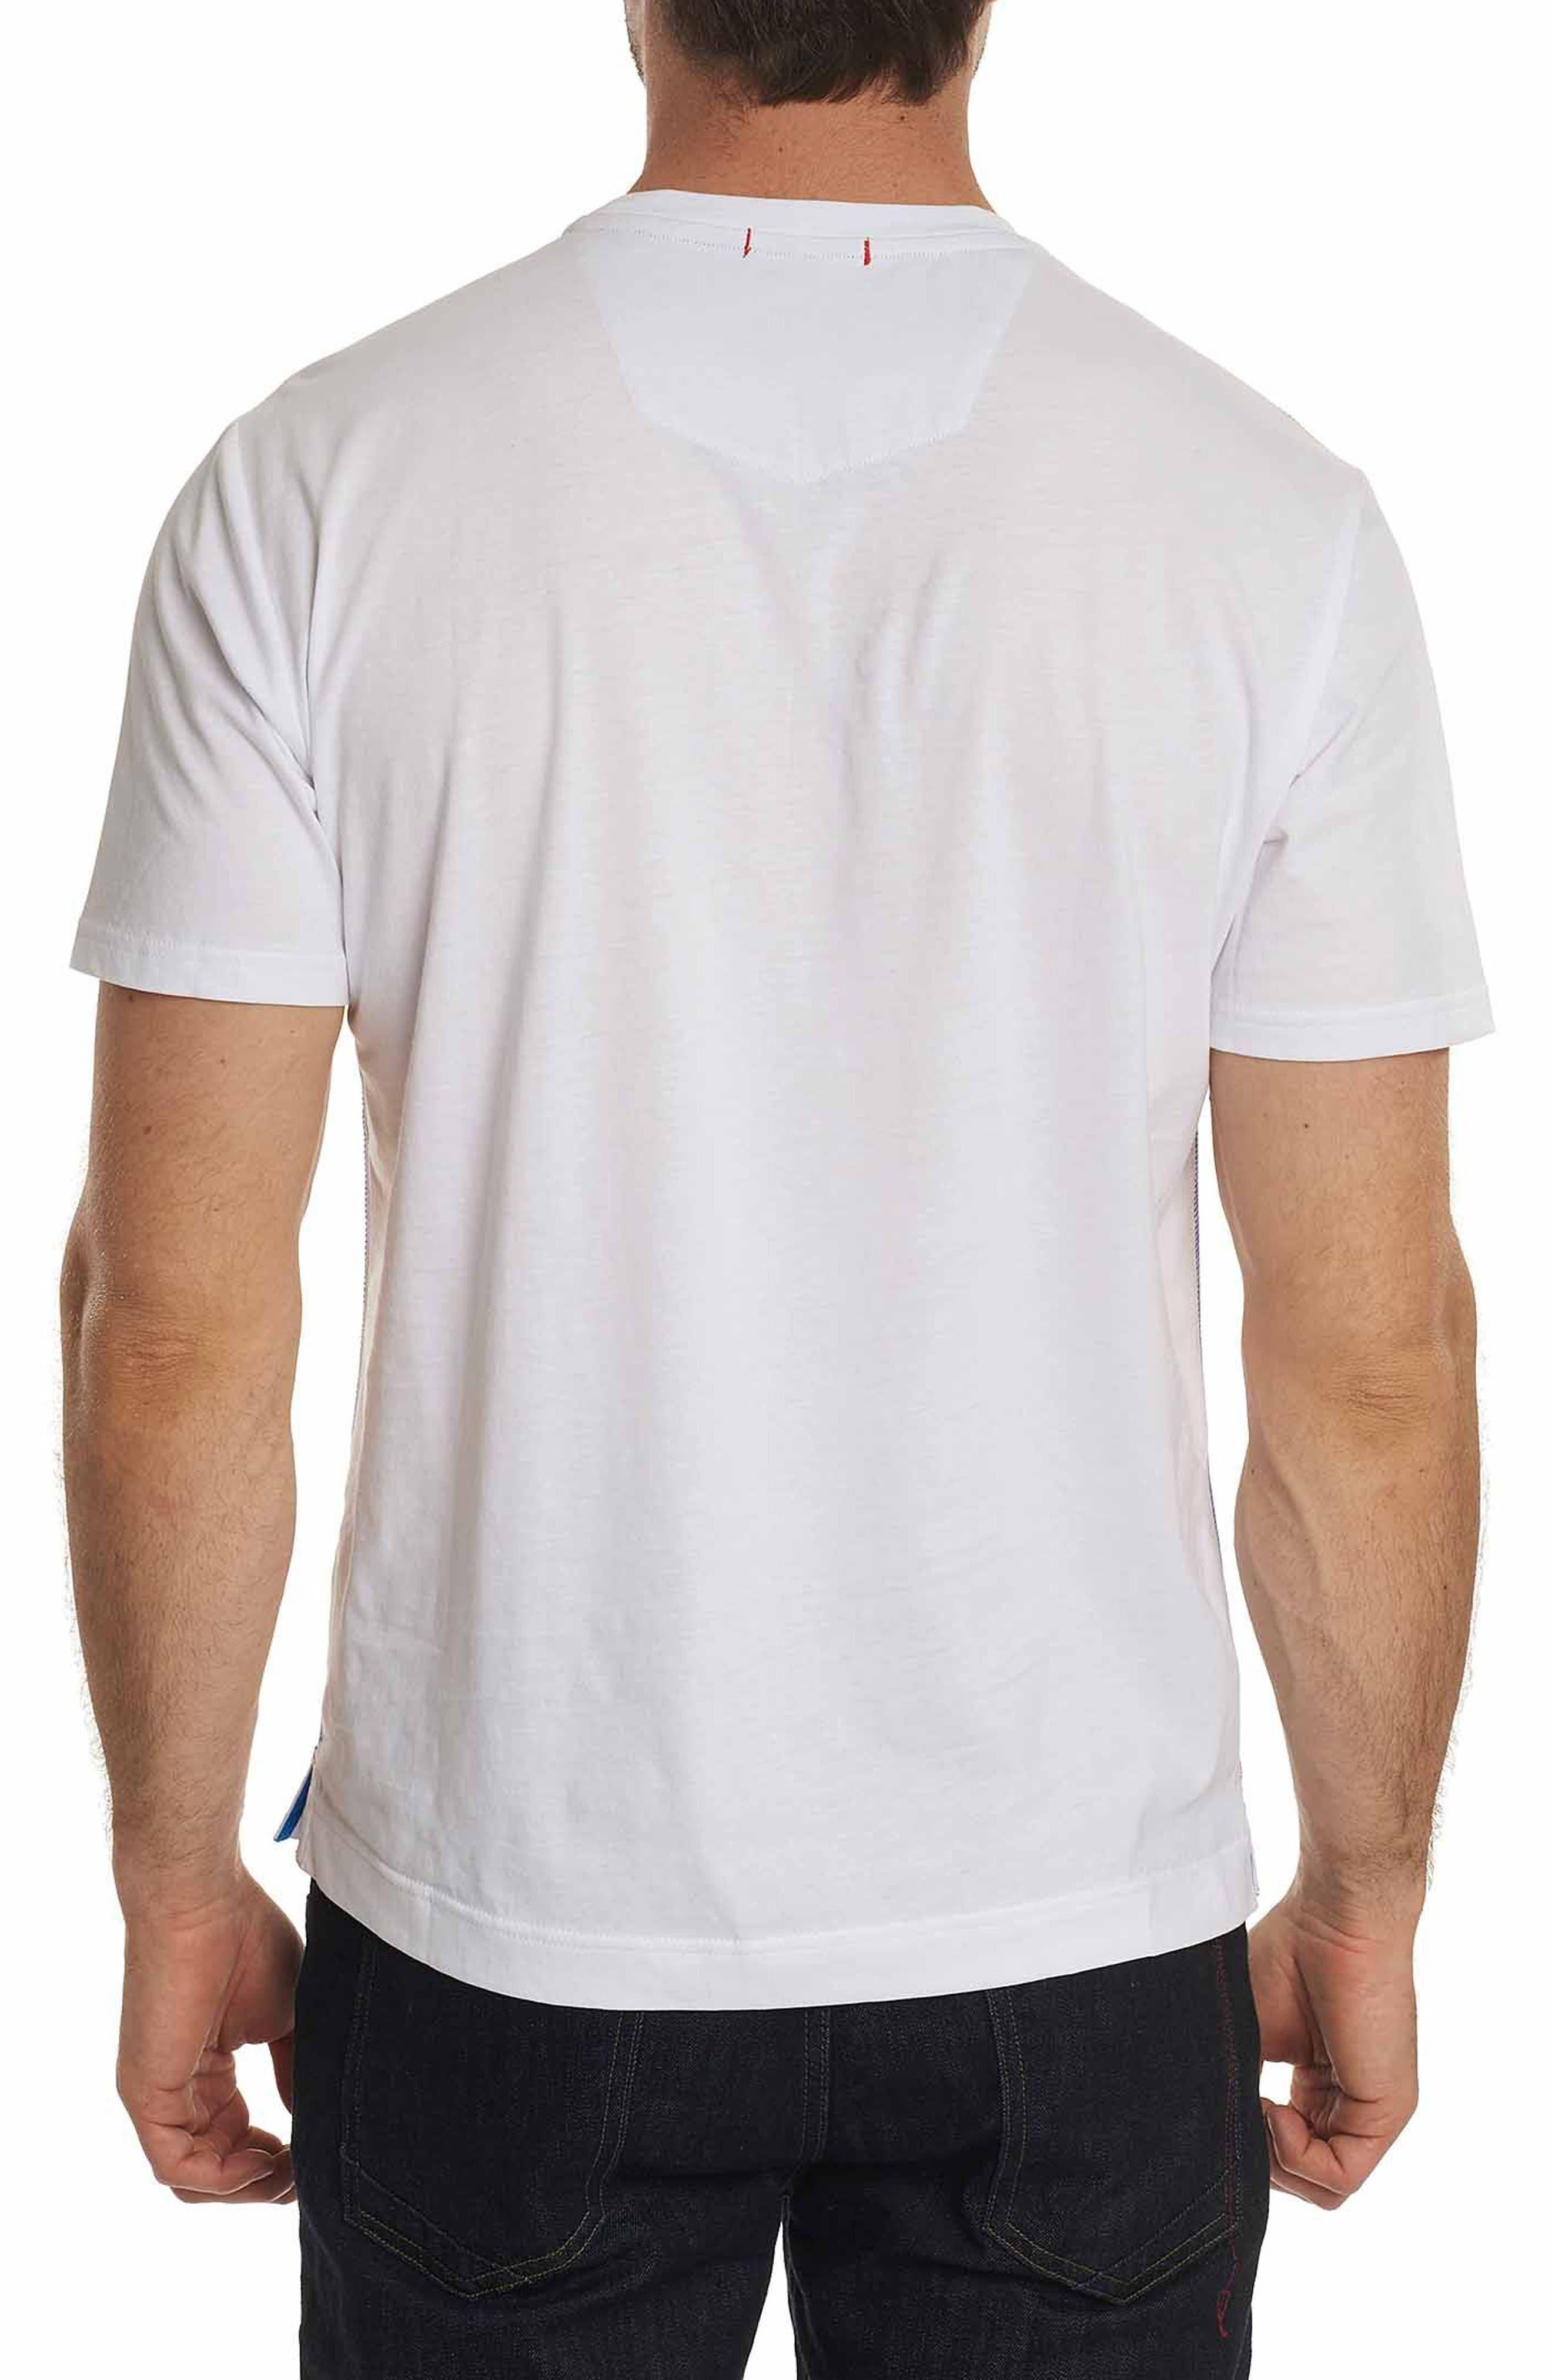 Alternate Image 2  - Robert Graham Bow Tie Bulldog Graphic T-Shirt